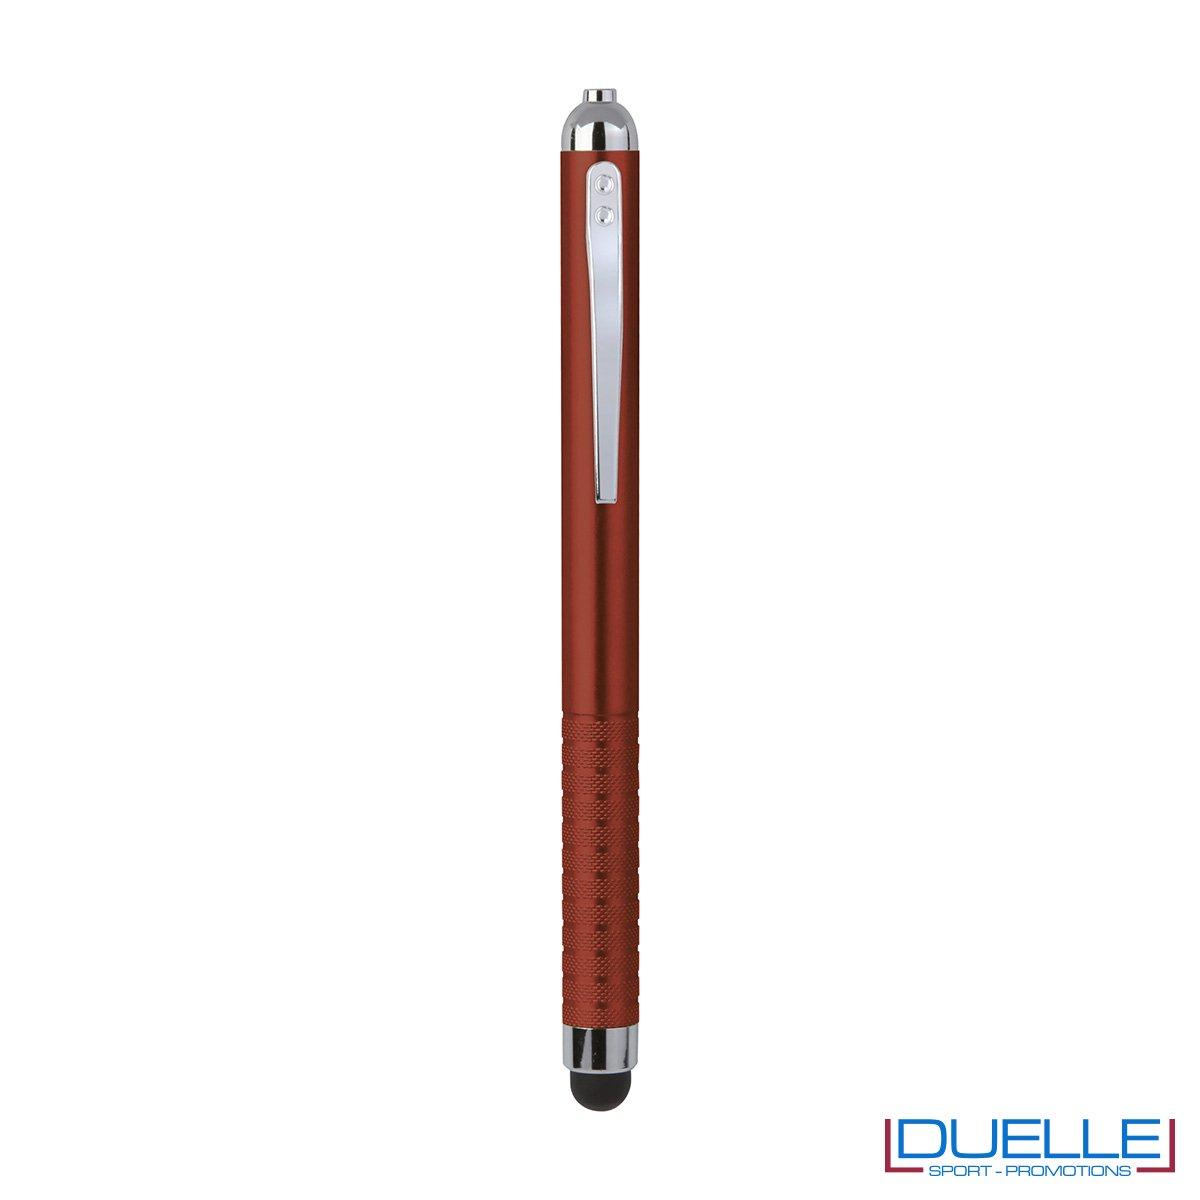 Penna touch screen con fusto in plastica. Per far uscire la punta per la scrittura basta capovolgere sottosopra la penna e la punta uscira nella parte superiore dove è situata la clip.